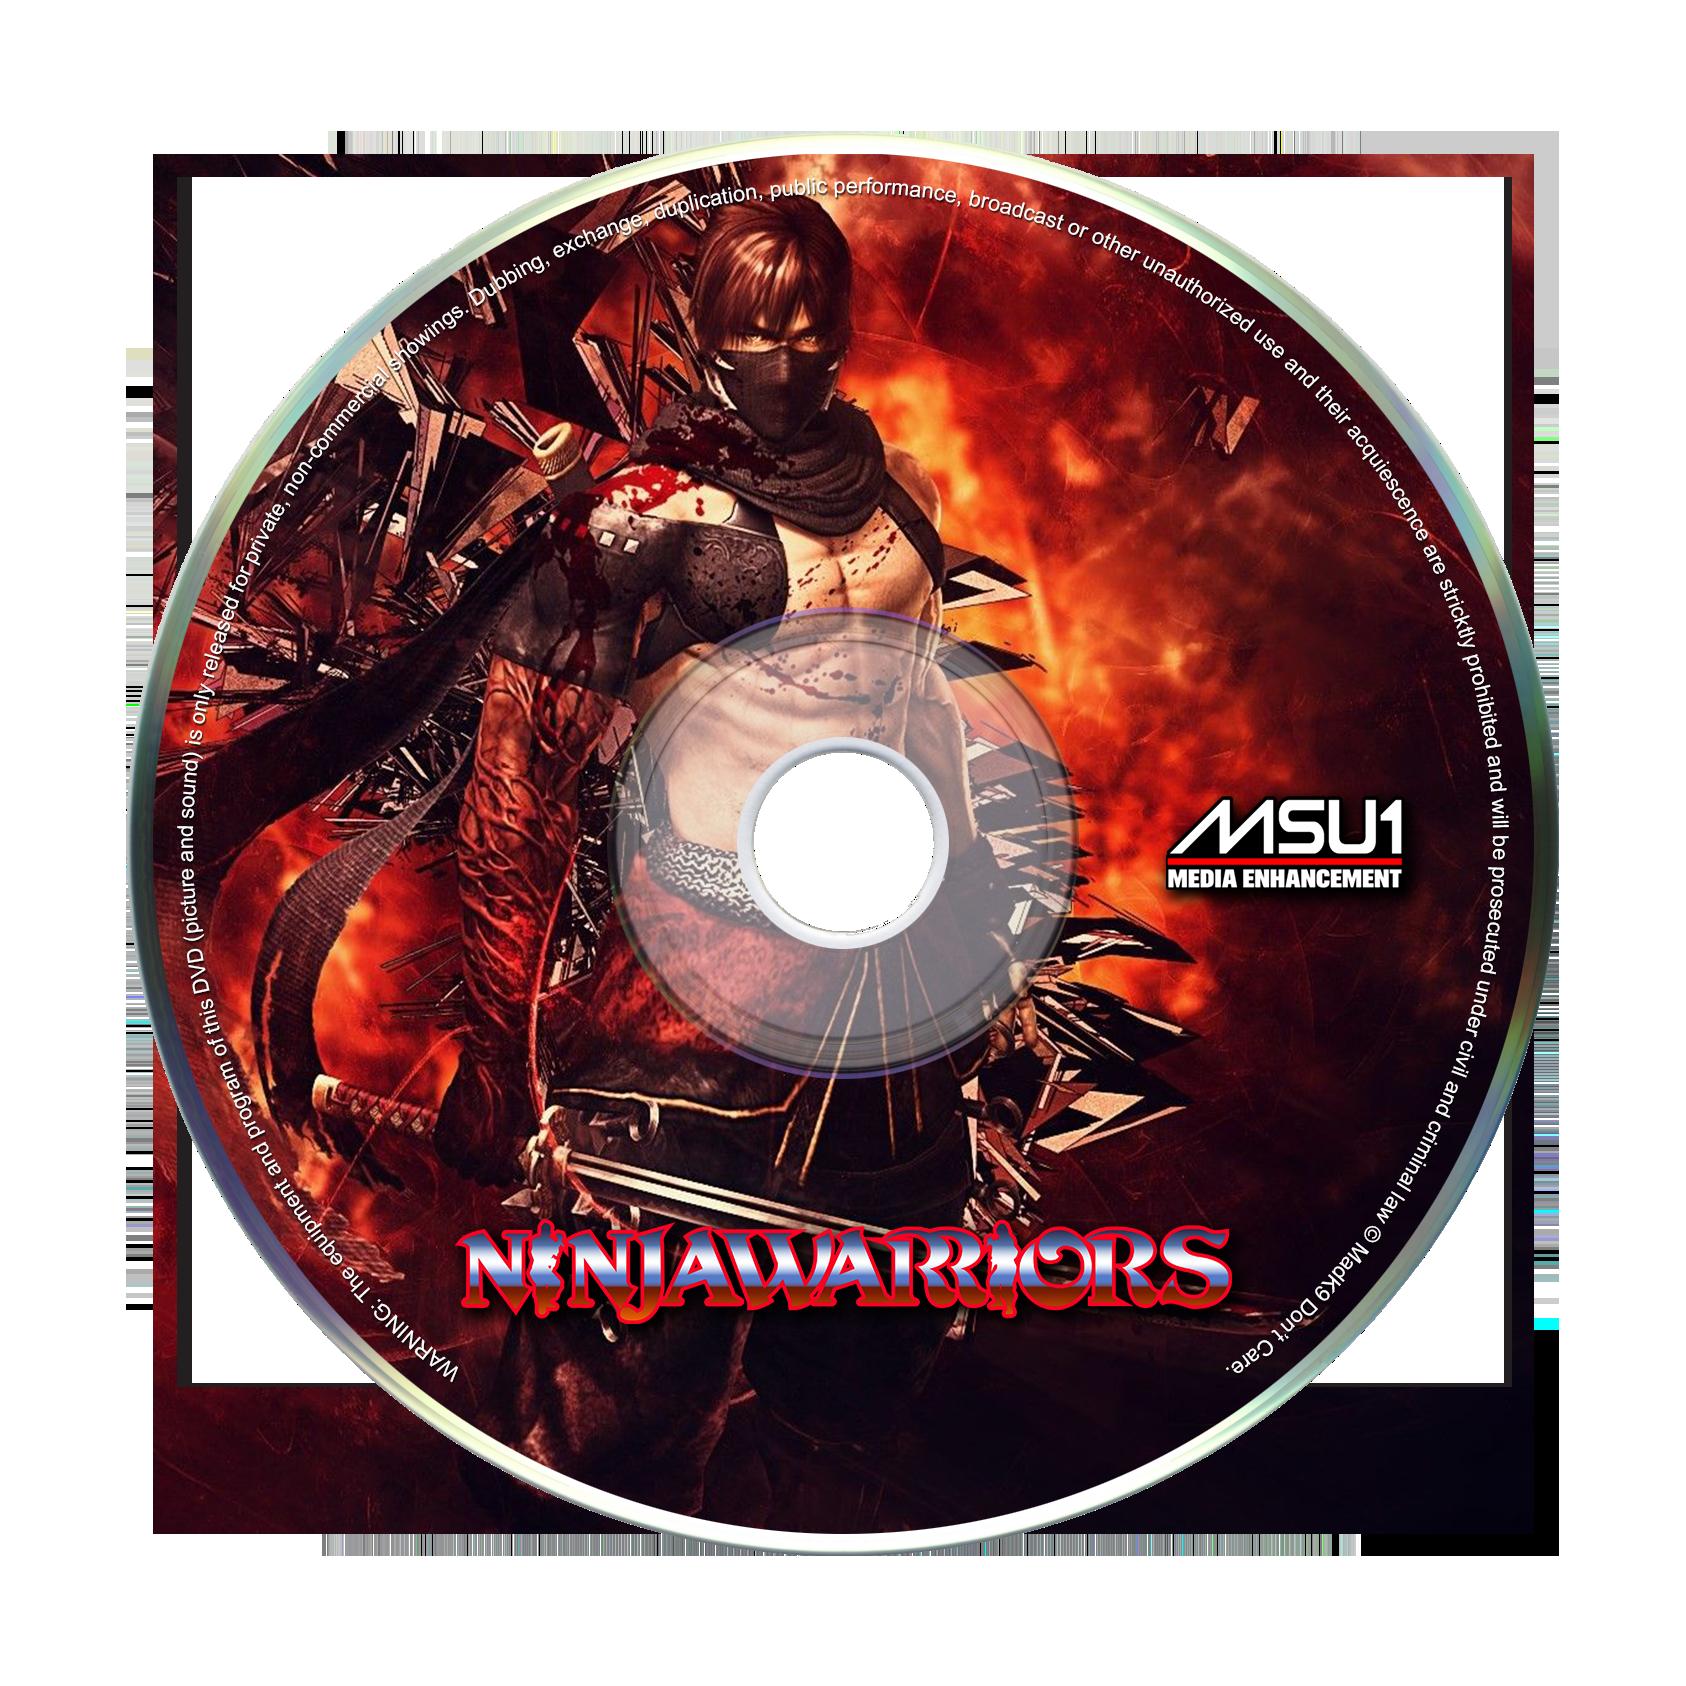 Disc_Ninjawarriors.png.3f22eda60bd5129689f6cf1cc2b081a4.png